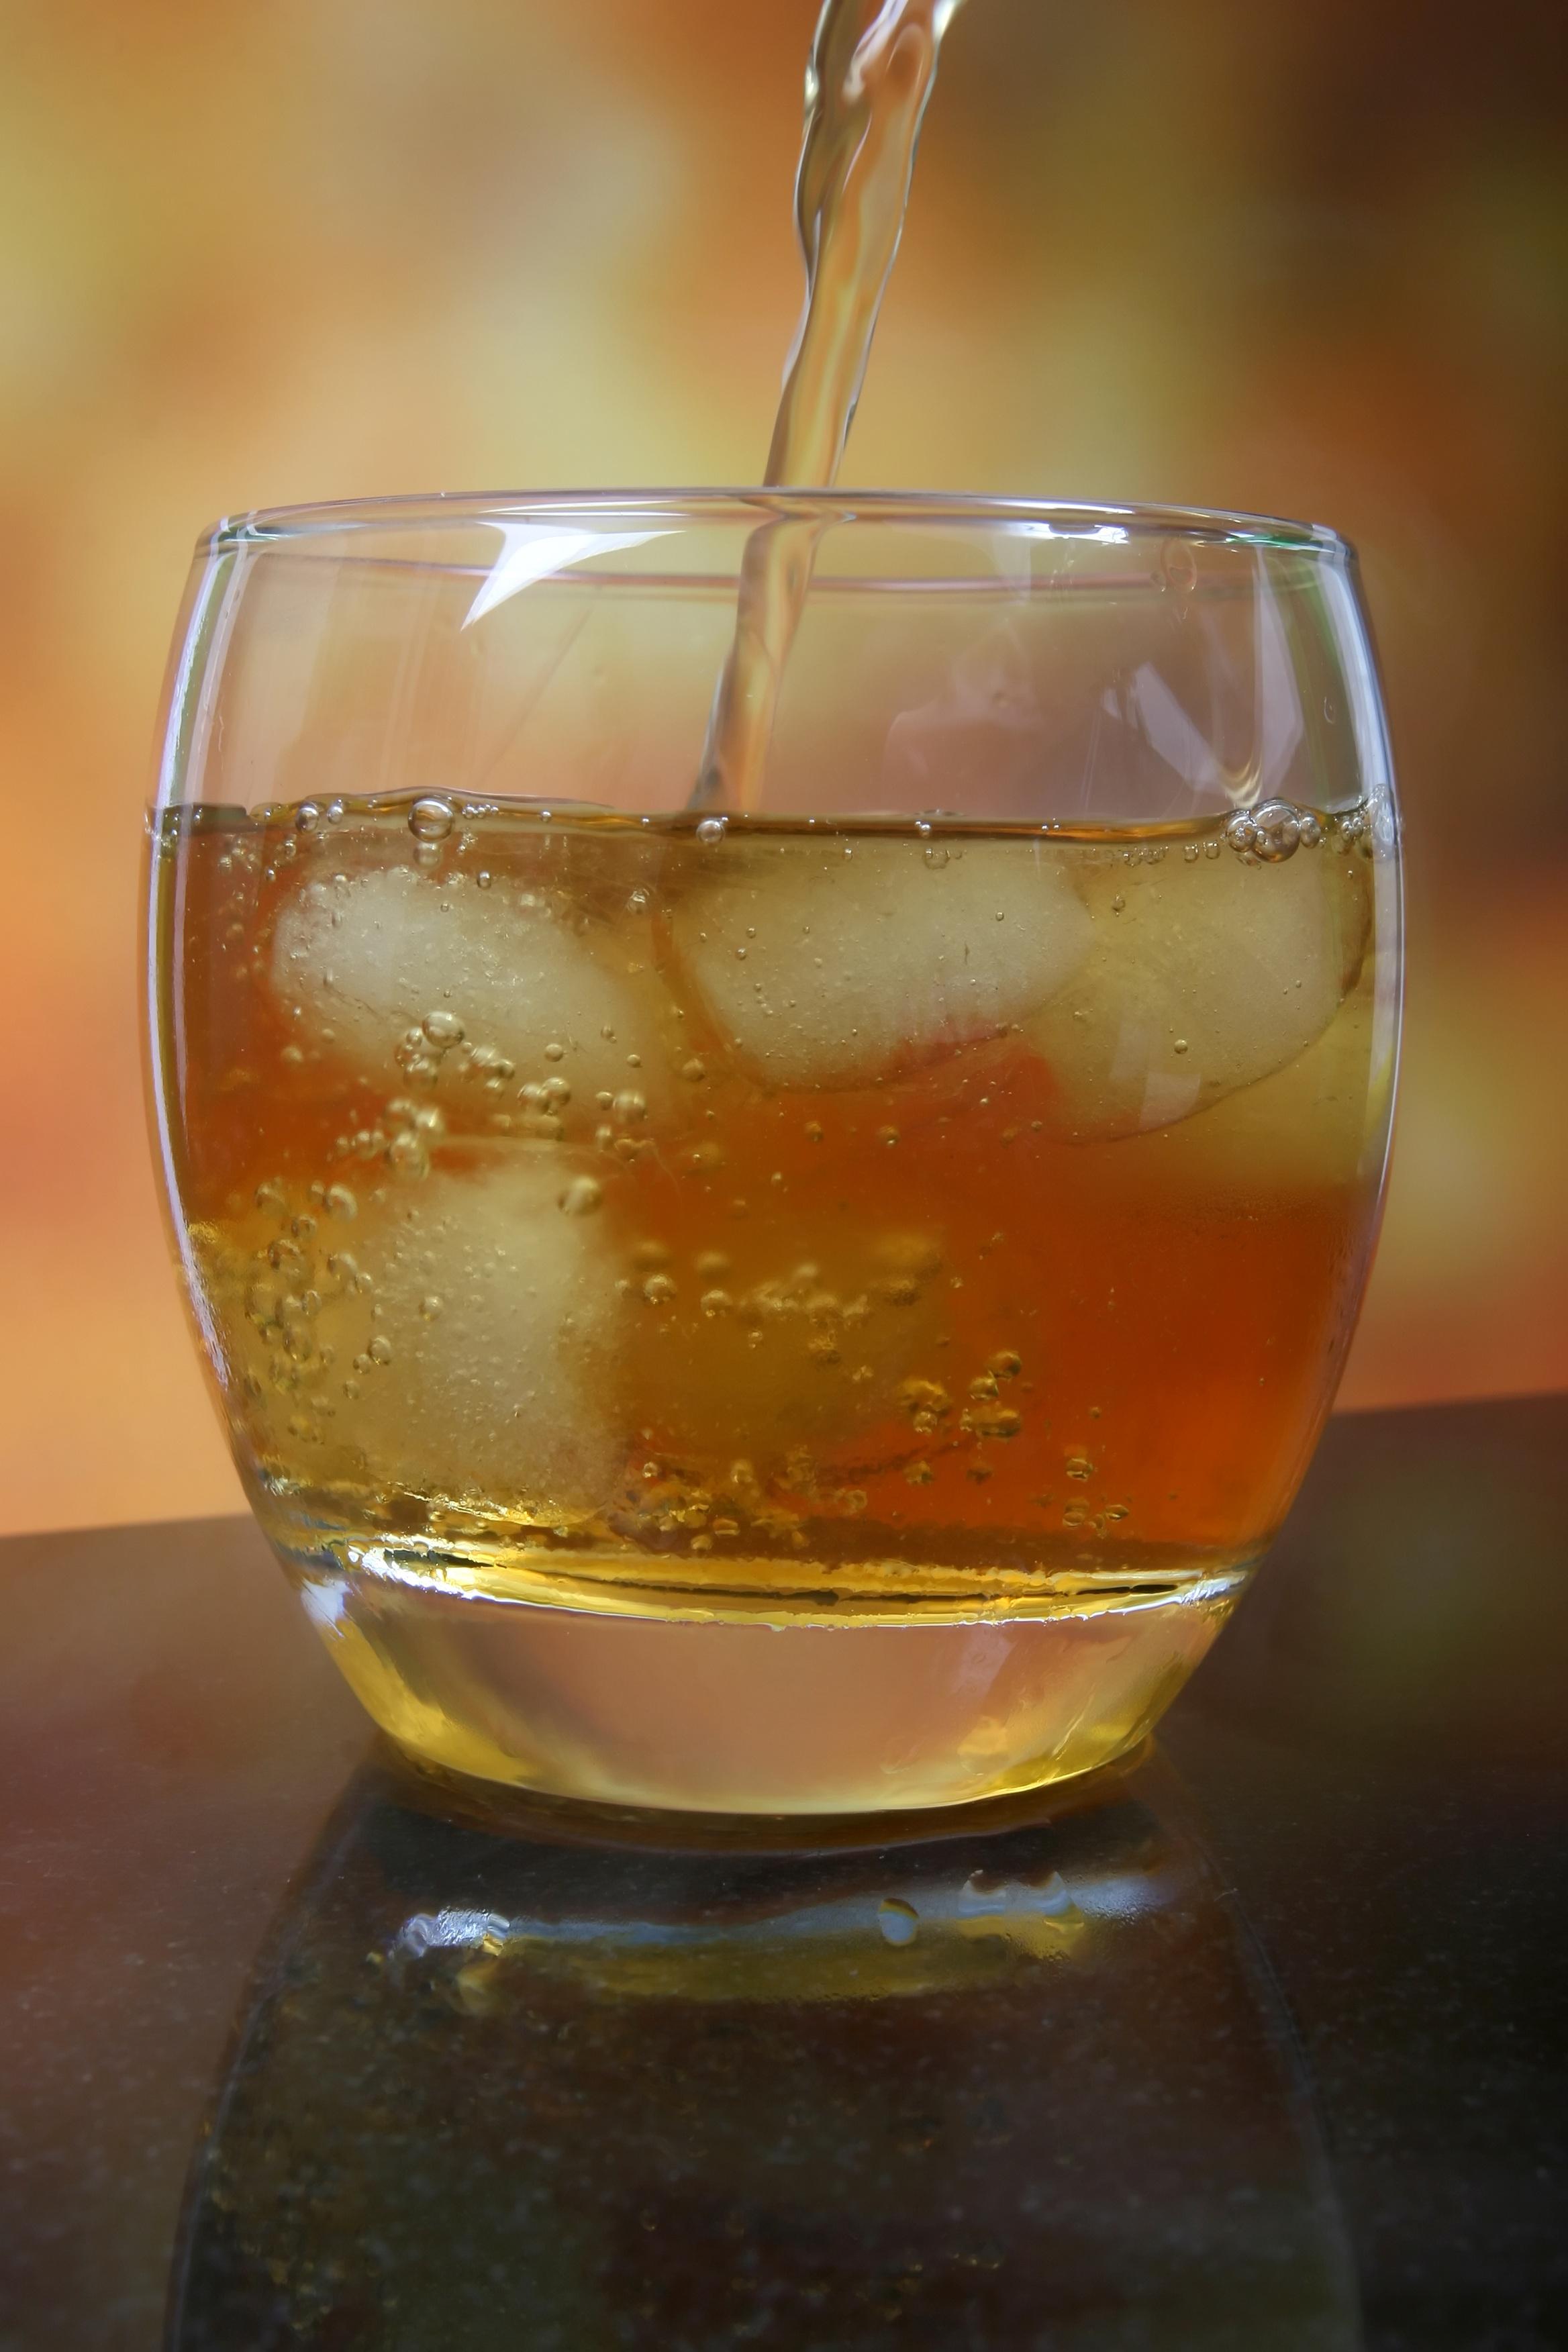 Kostenlose foto : Wasser, kalt, Flüssigkeit, Wein, Weiß, Nacht ...